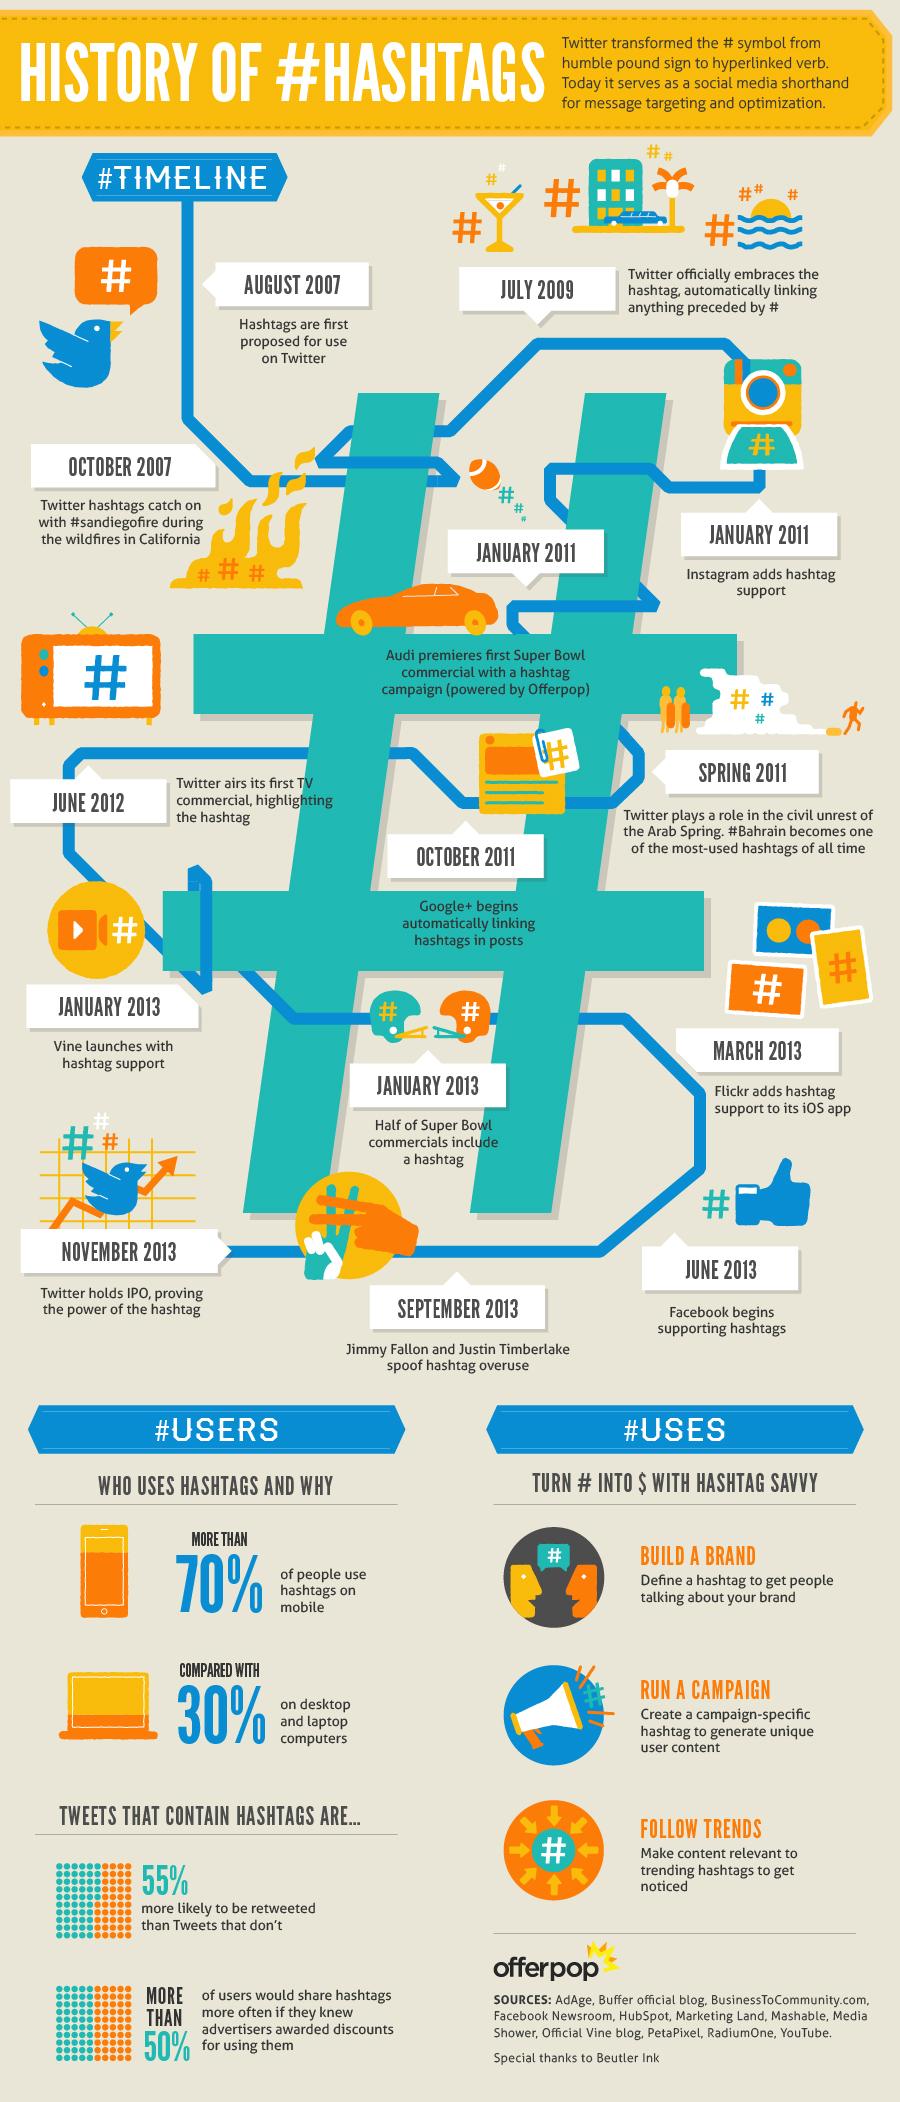 hashtag-history